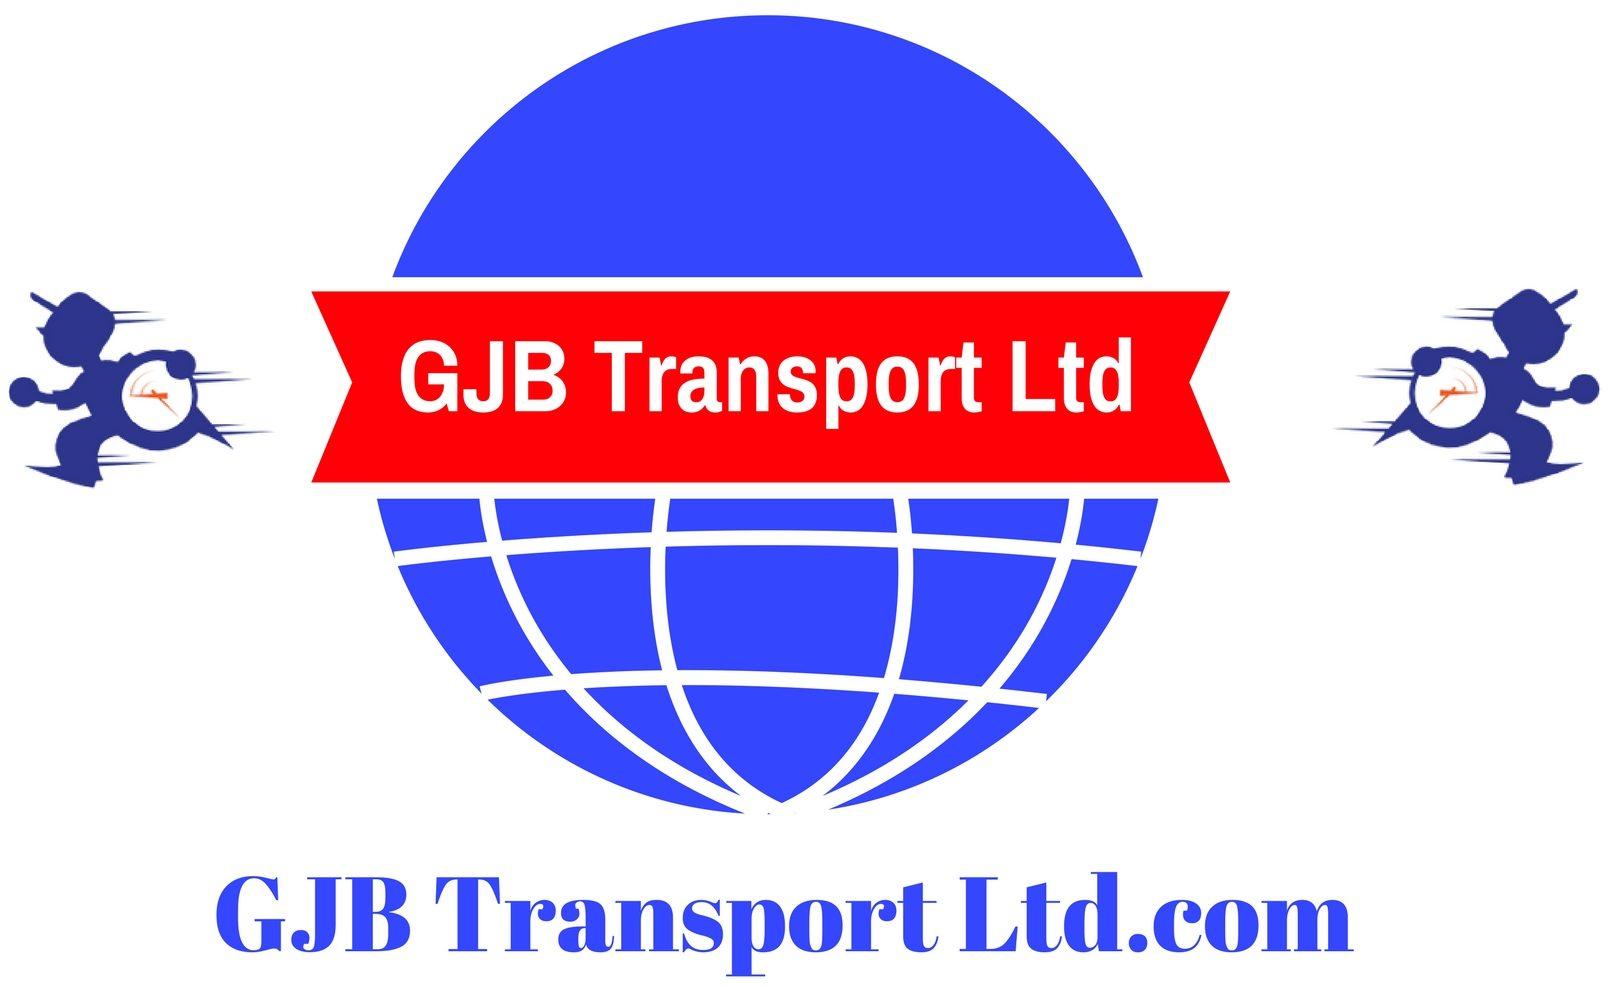 GJB Transport Ltd